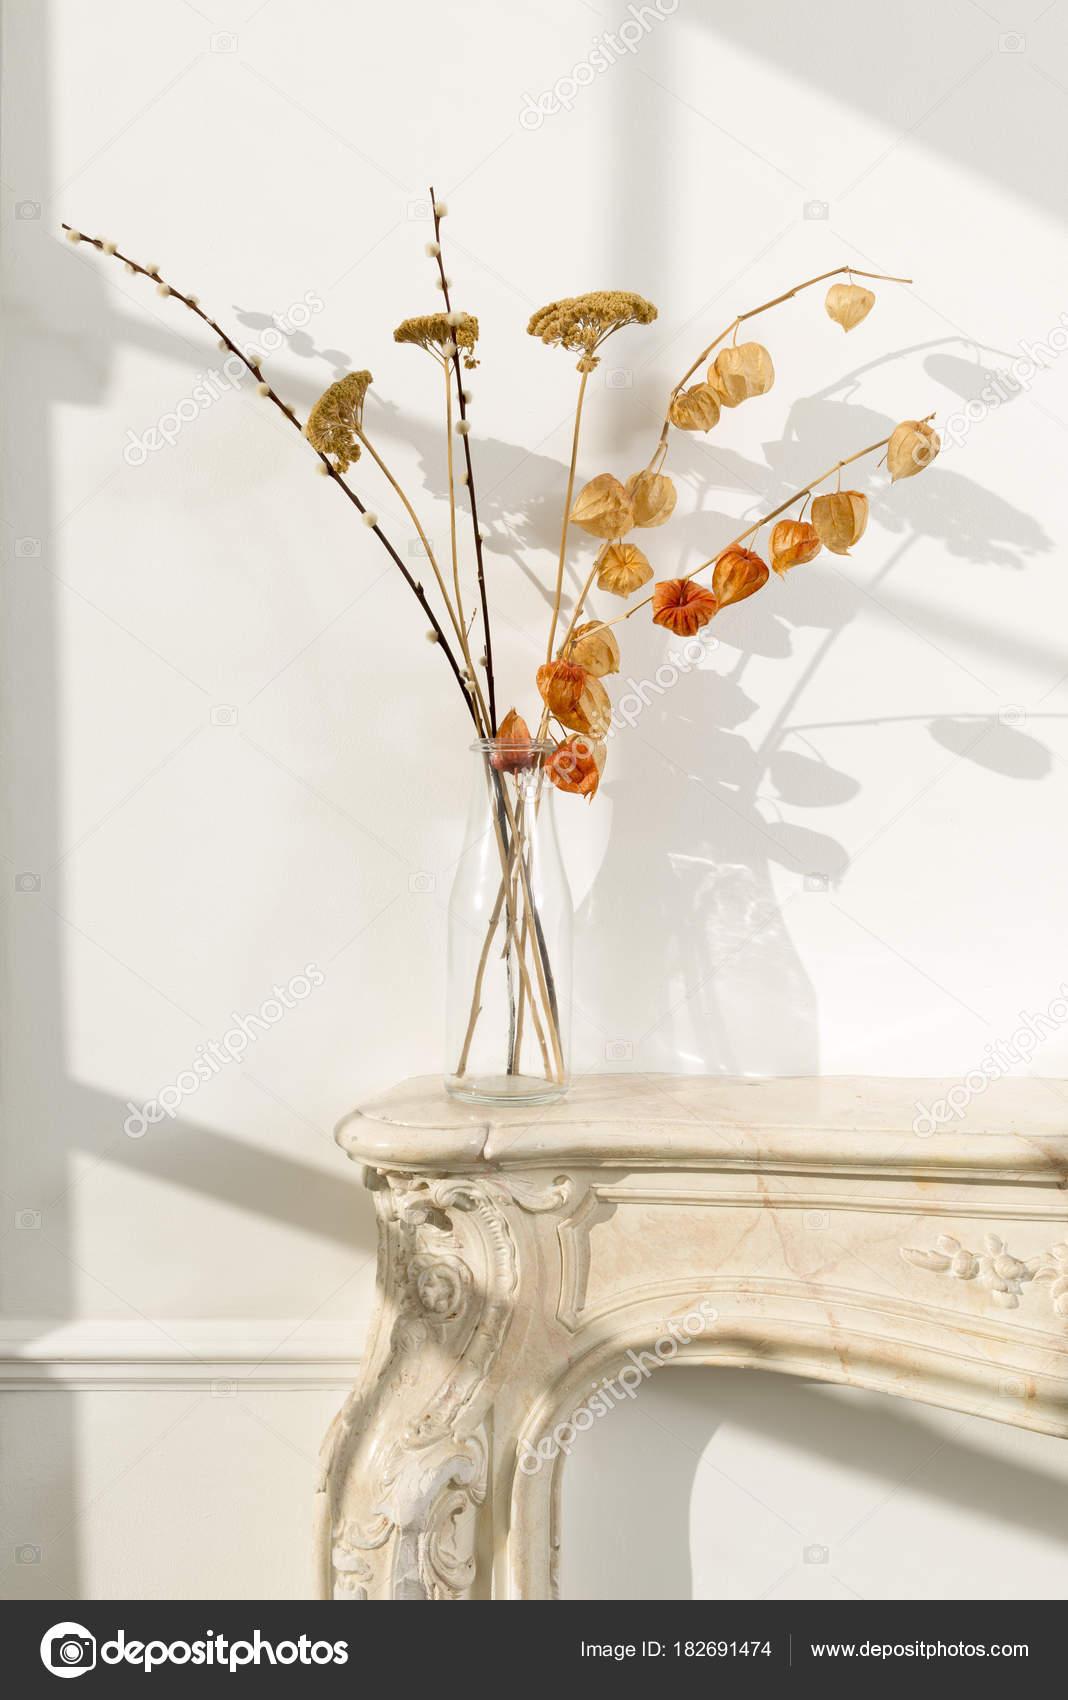 ... Auf Einer Geschlossenen Kamin Kaminsimses Durch Eine Weiße Wand Mit  Sonnenlicht Aus Einem Nahe Gelegenen Fenster U2014 Foto Von  Stock@photographyfirm.co.uk